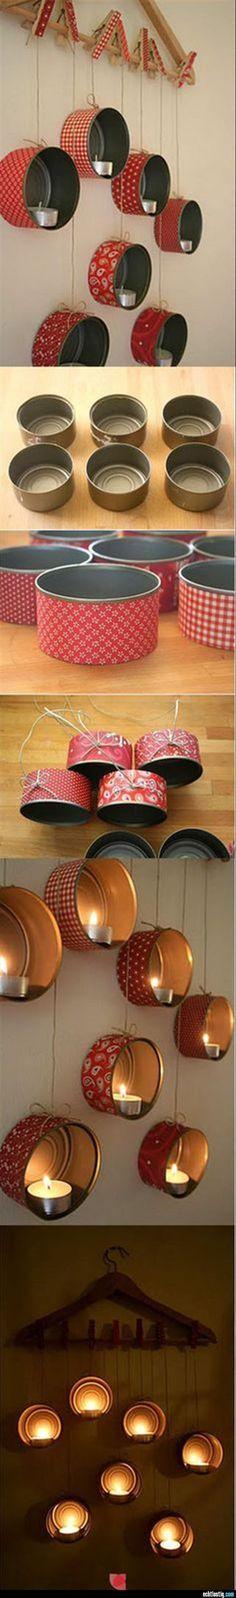 Kleine kreative Ideen zum Selbermachen #2